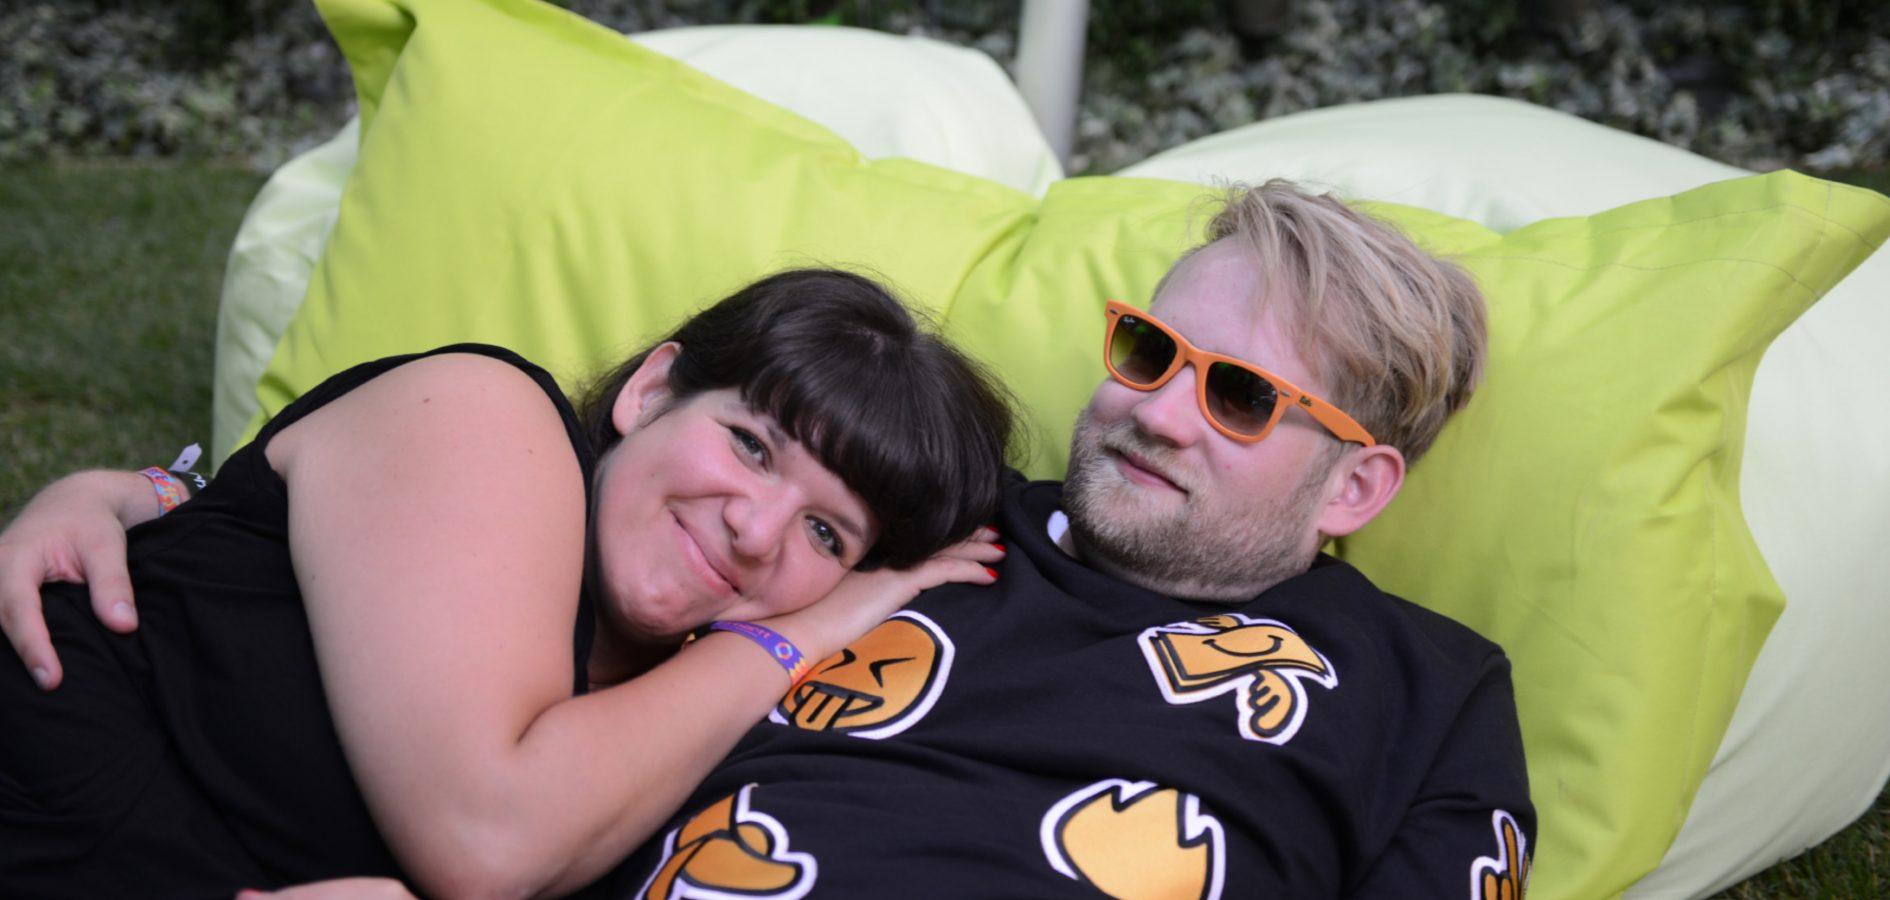 Stadtwerke Düsseldorf Open Source Festival